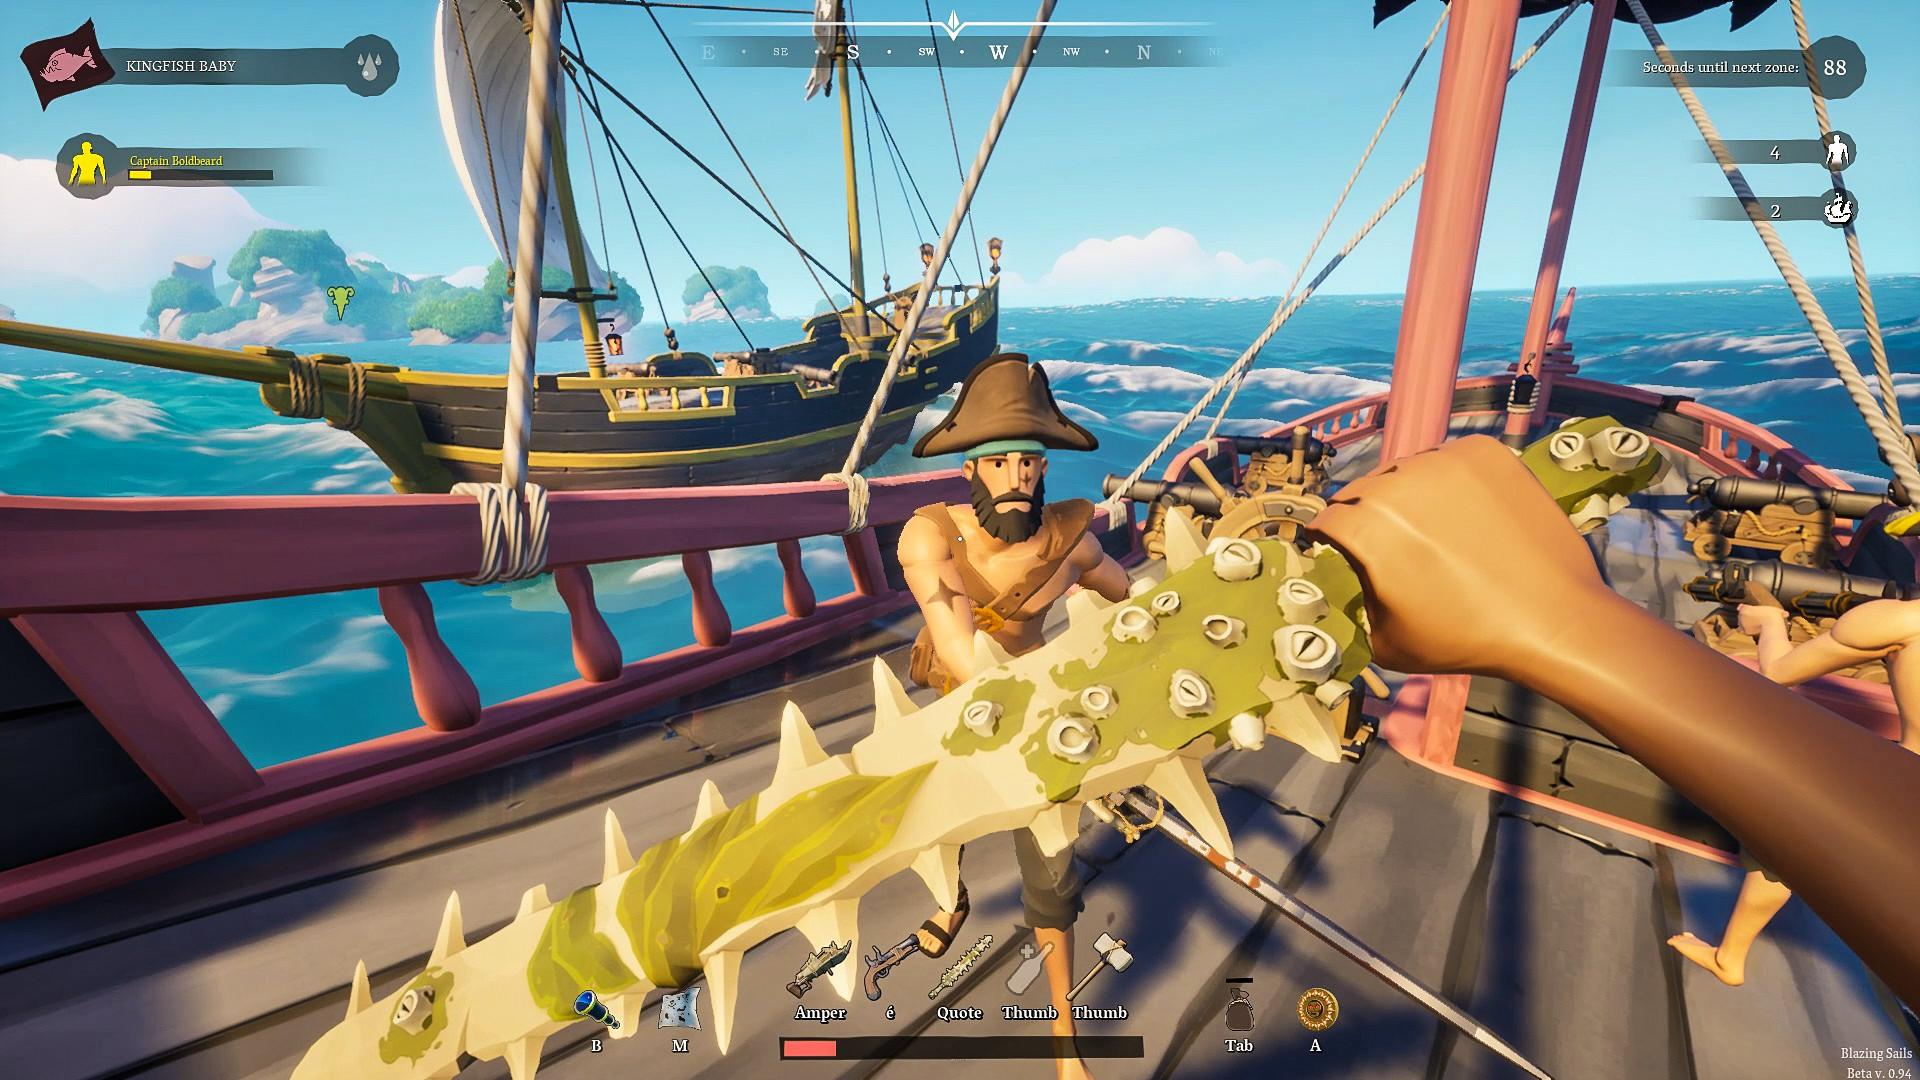 Blazing Sails Görsel